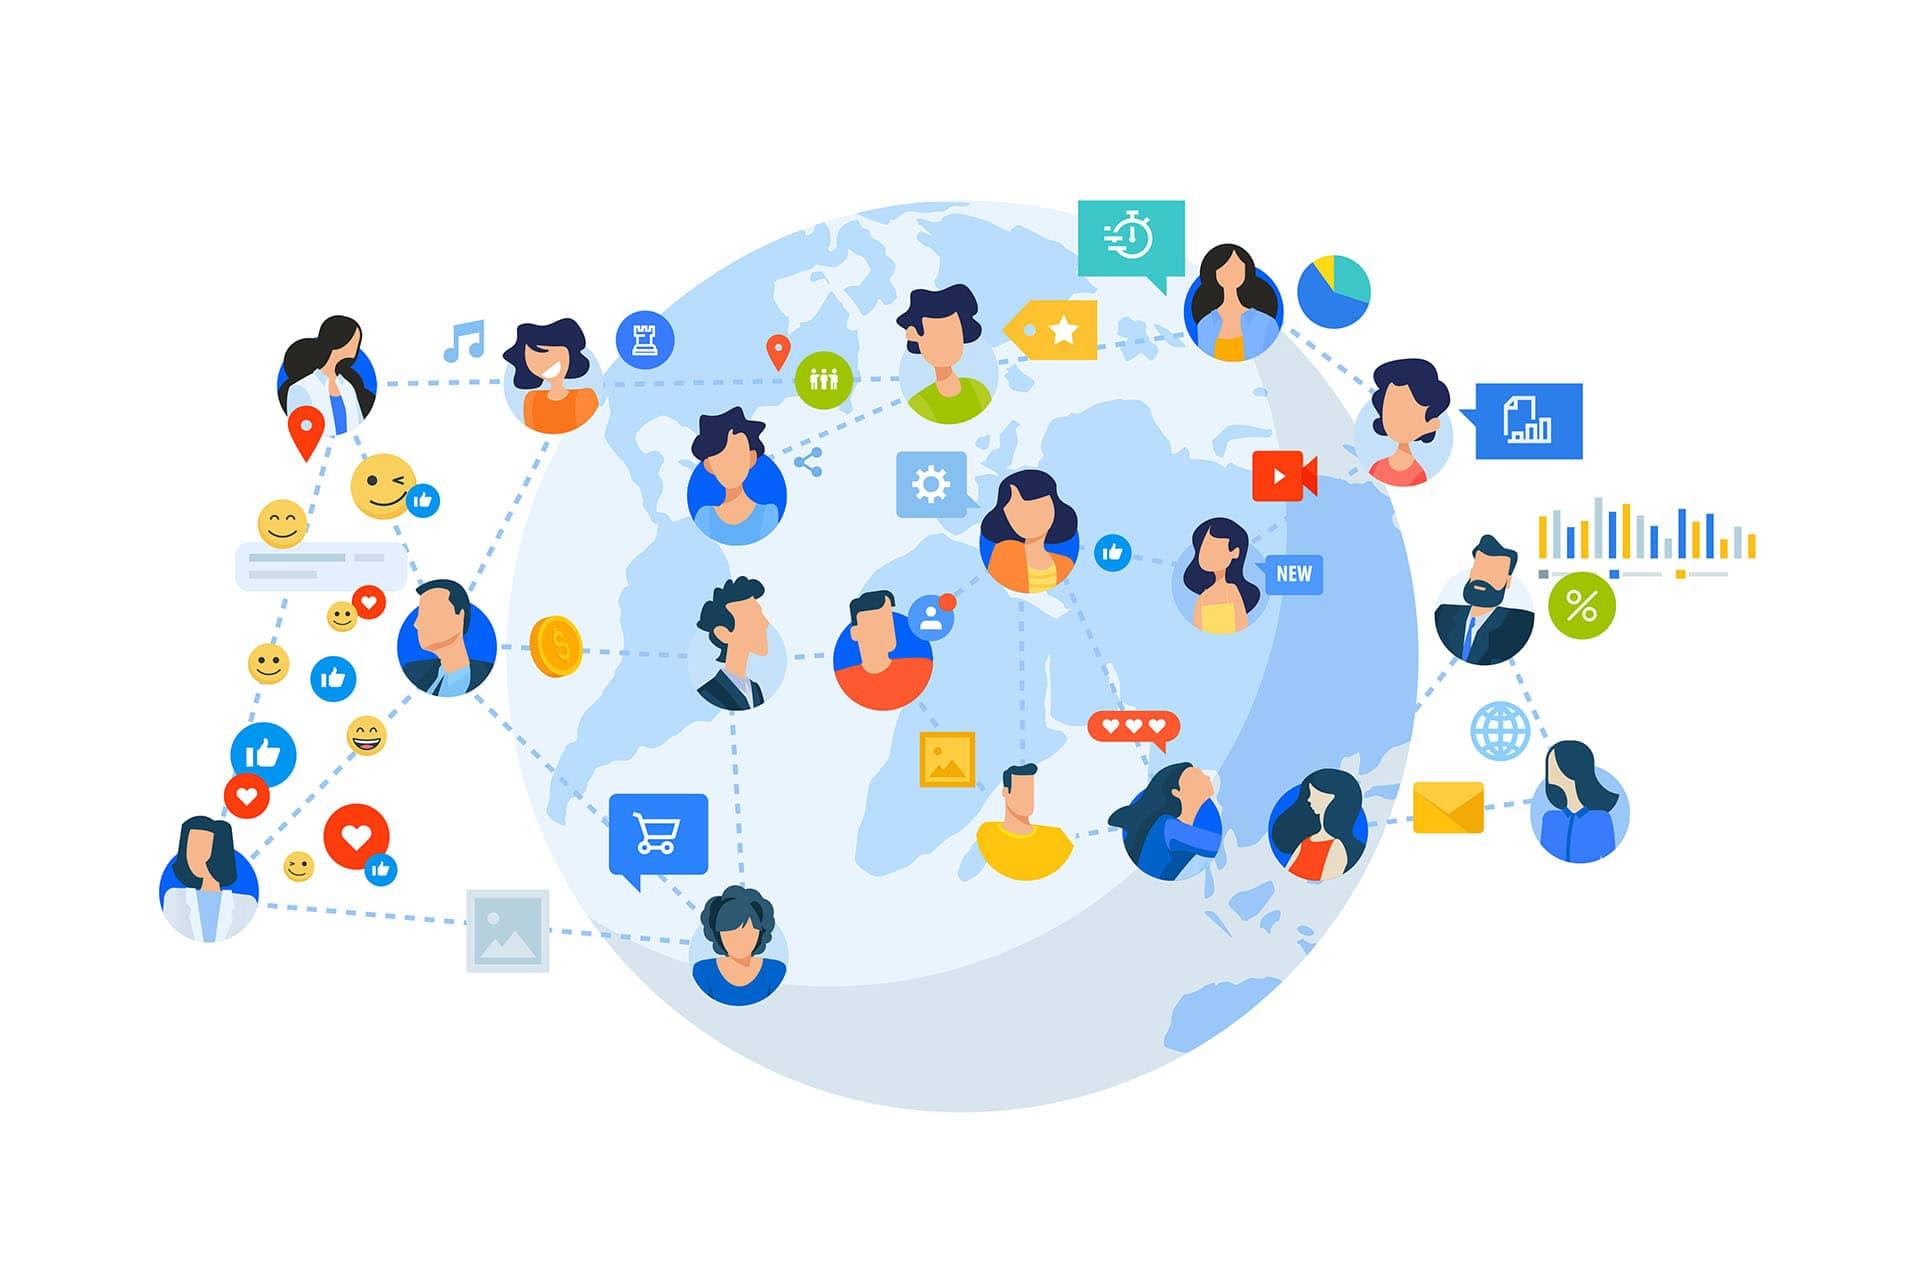 mejores redes sociales españa